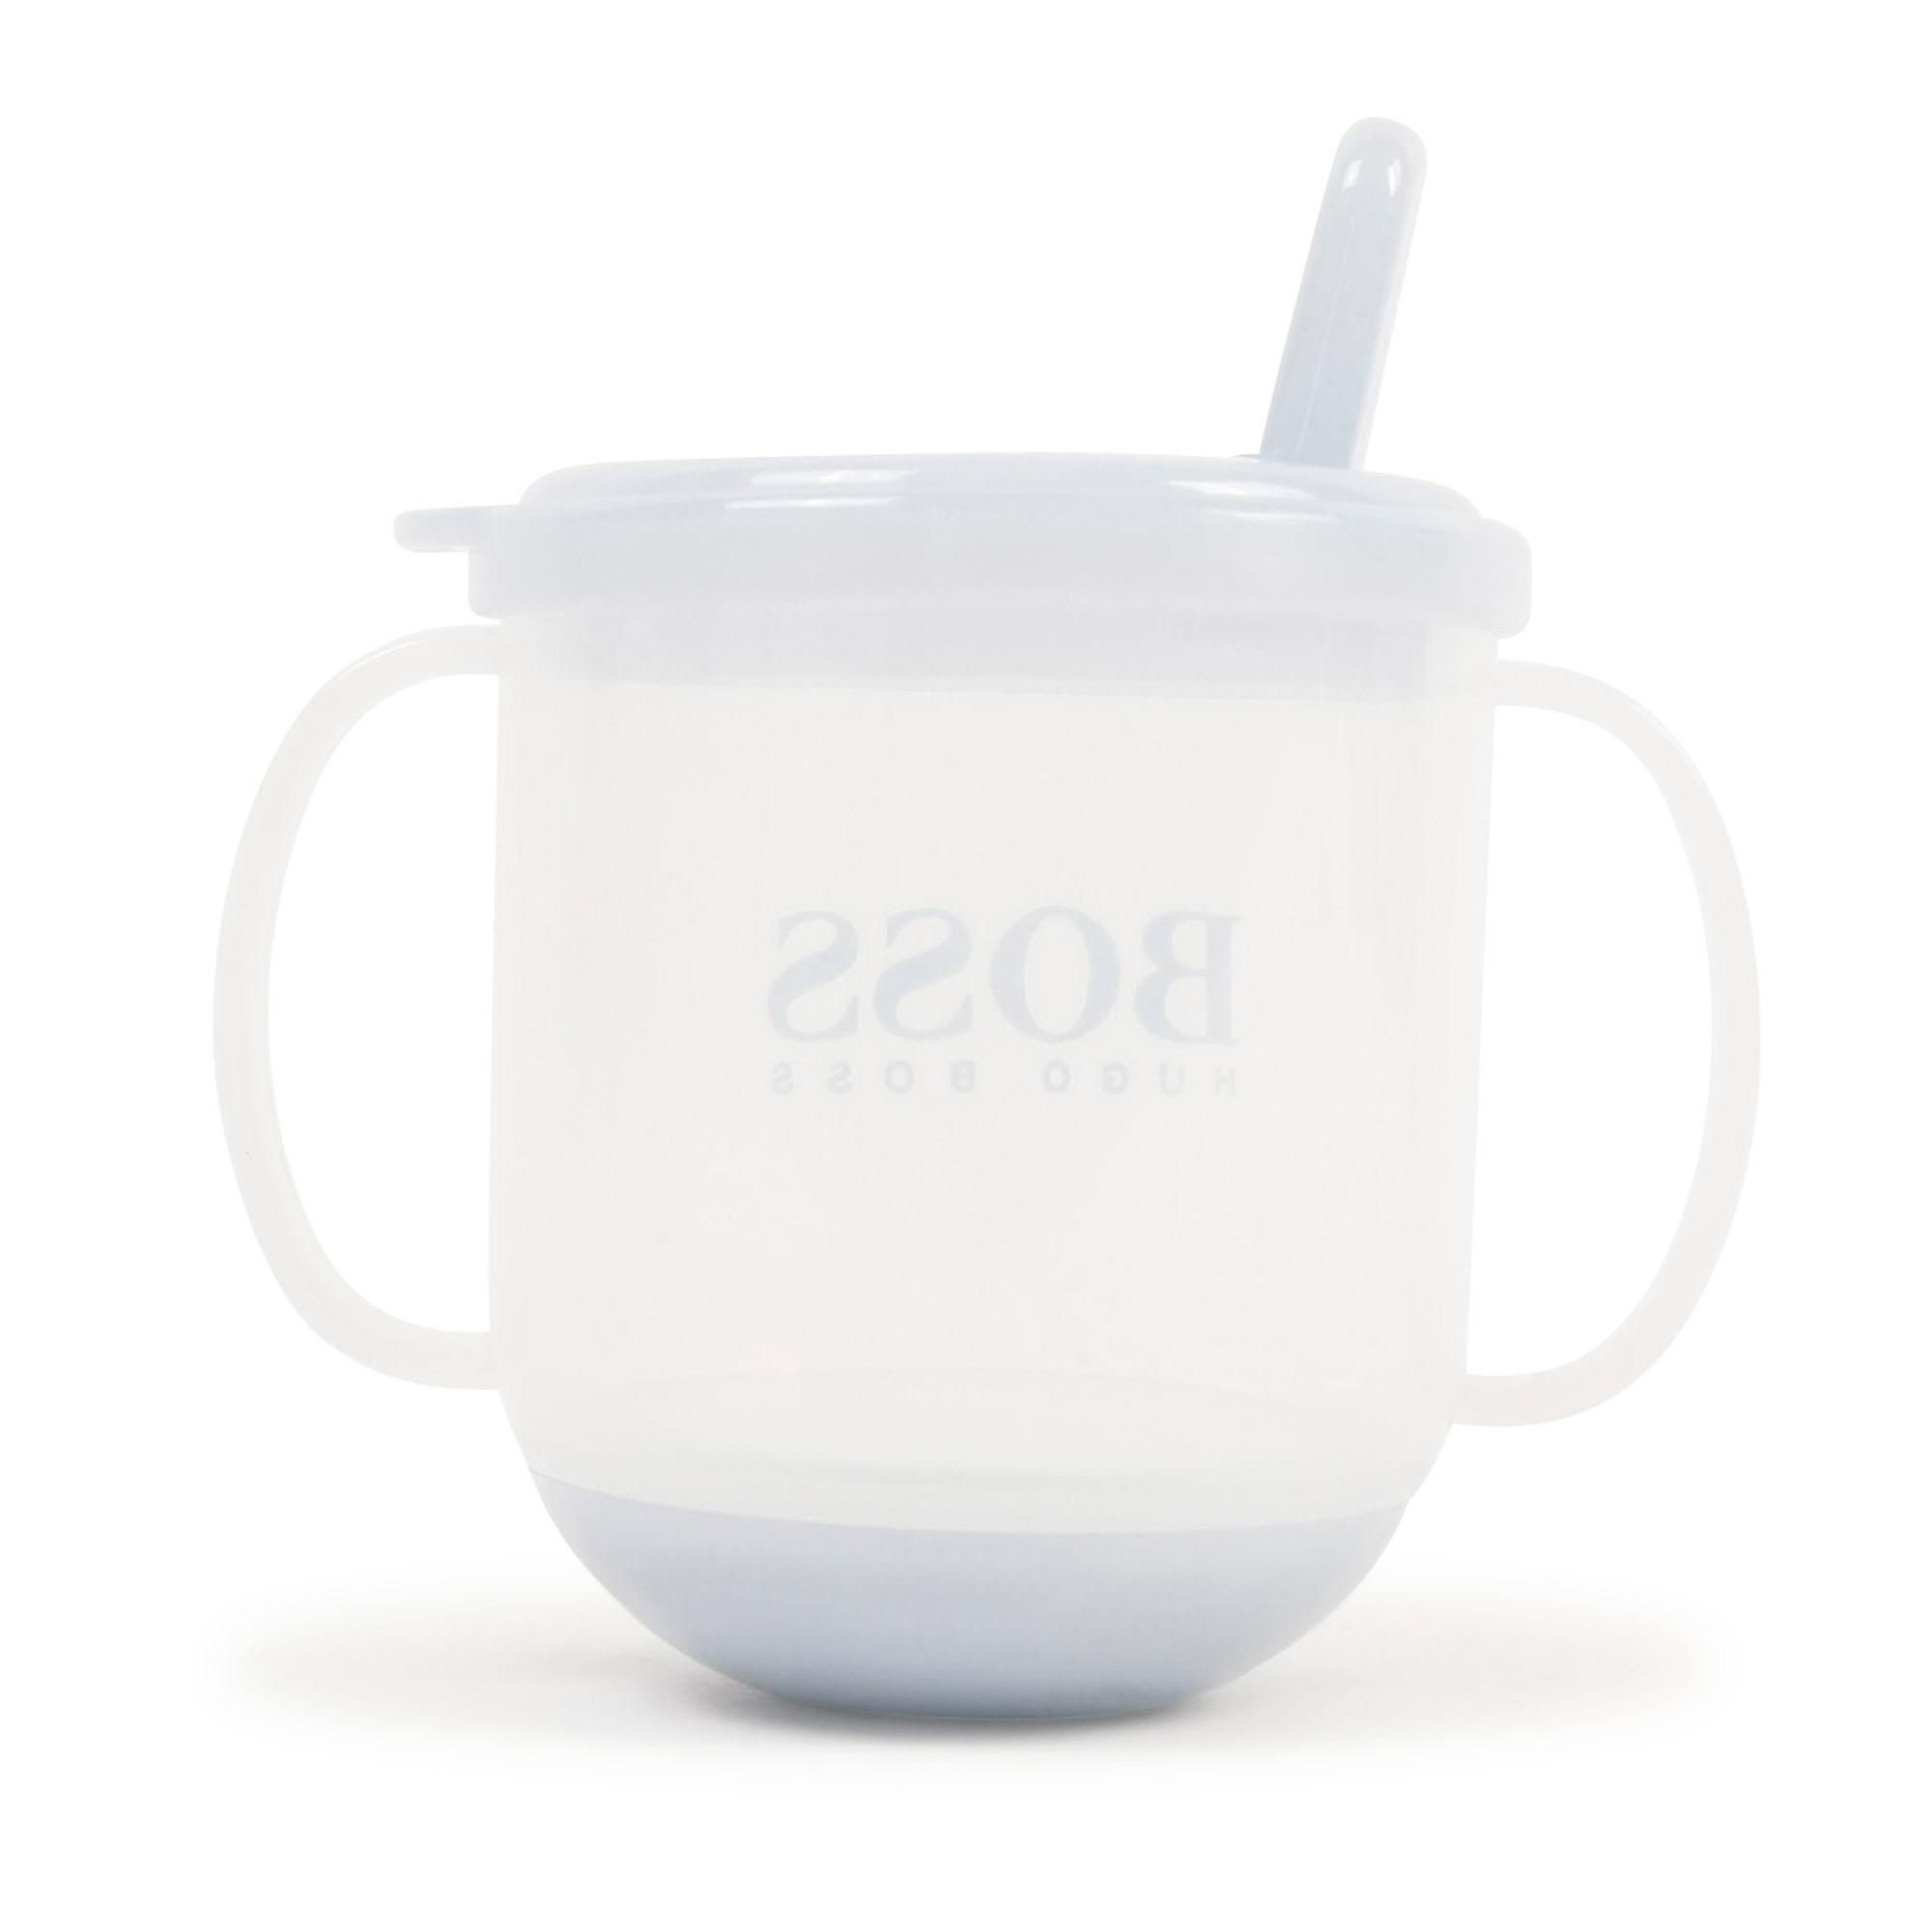 Timbale en plastique à bec verseur BOSS pour UNISEXE